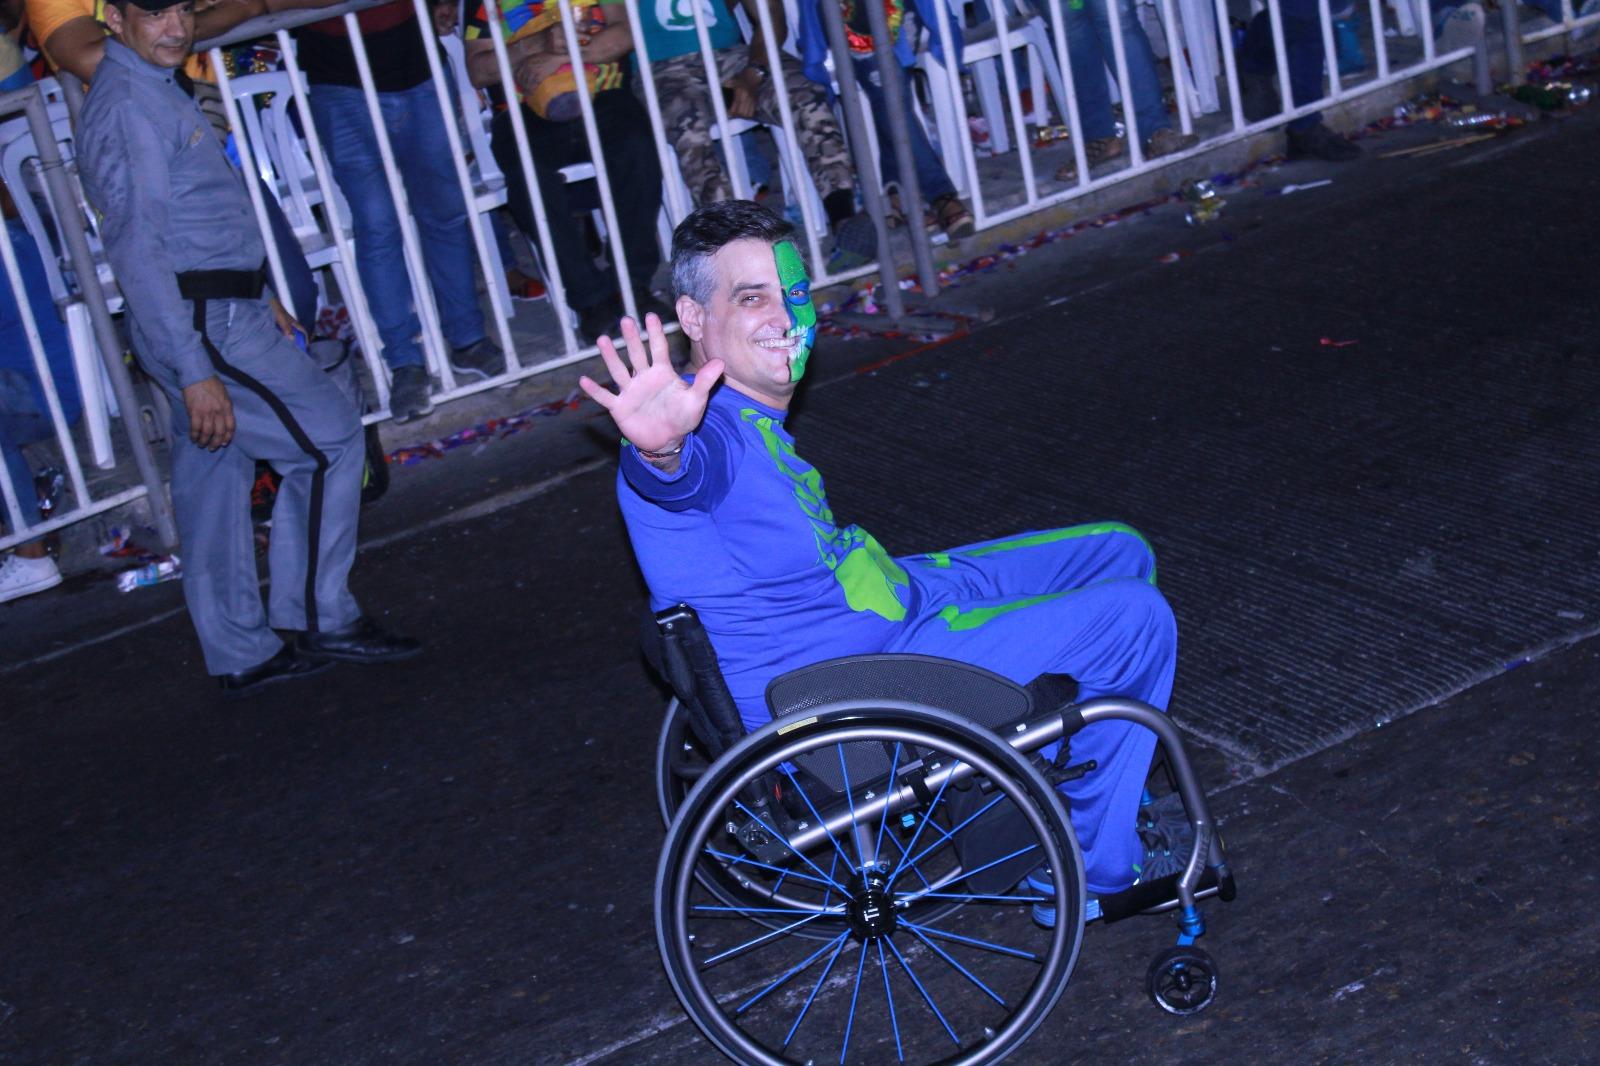 El Carnaval es para todos El Garabato La Cumbia, baile tradicional / Foto FarfreyFashion